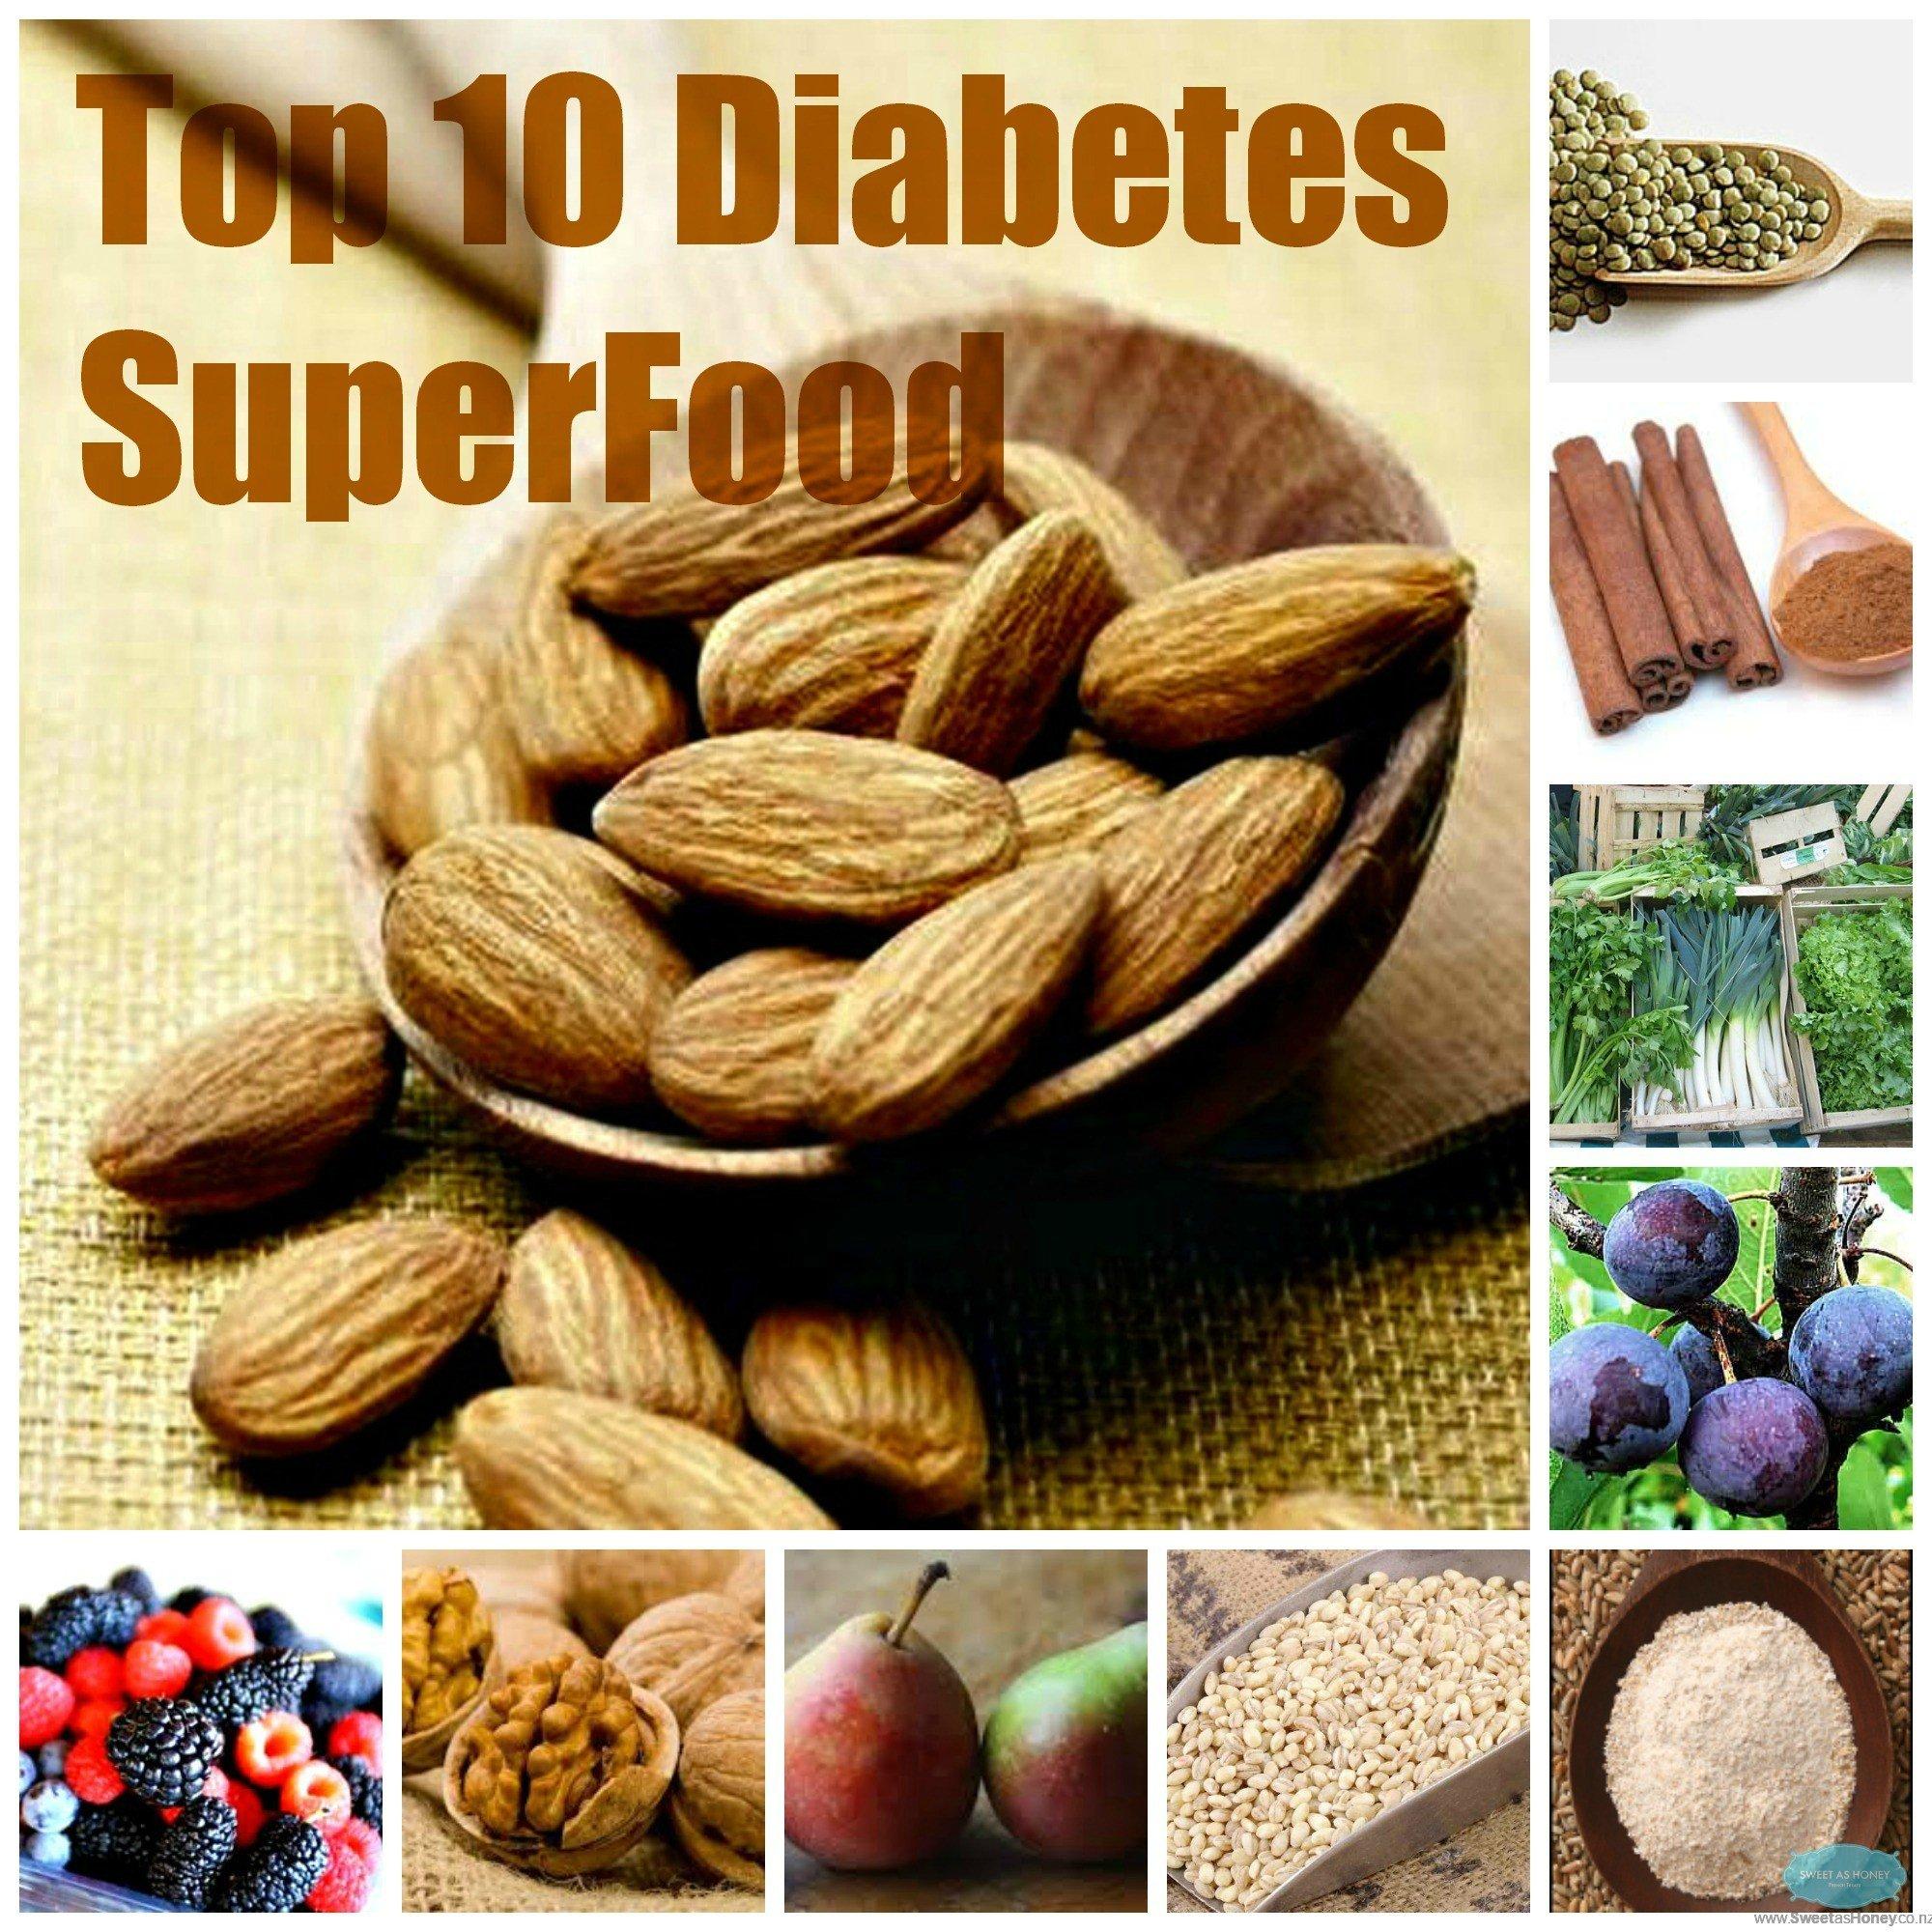 Diabetic diet list of foods to avoid